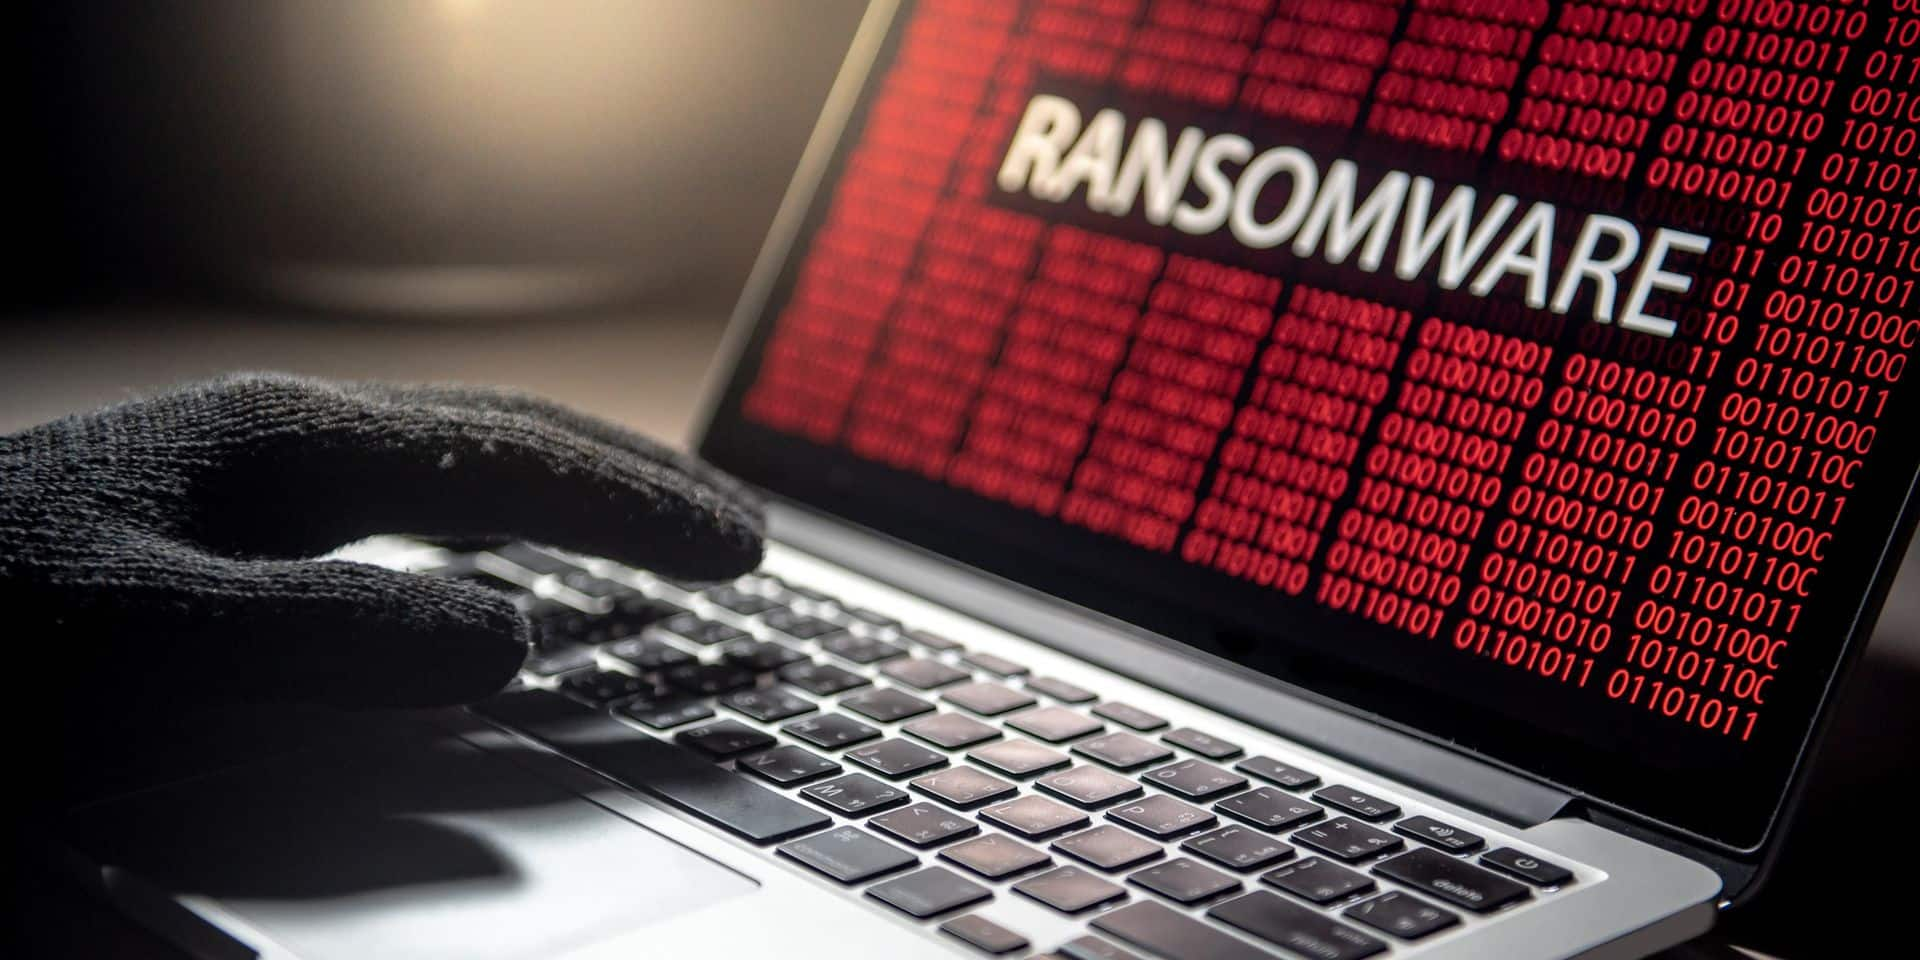 Plus d'1,5 million d'euros : le coût moyen des attaques par ransomware double en l'espace d'un an